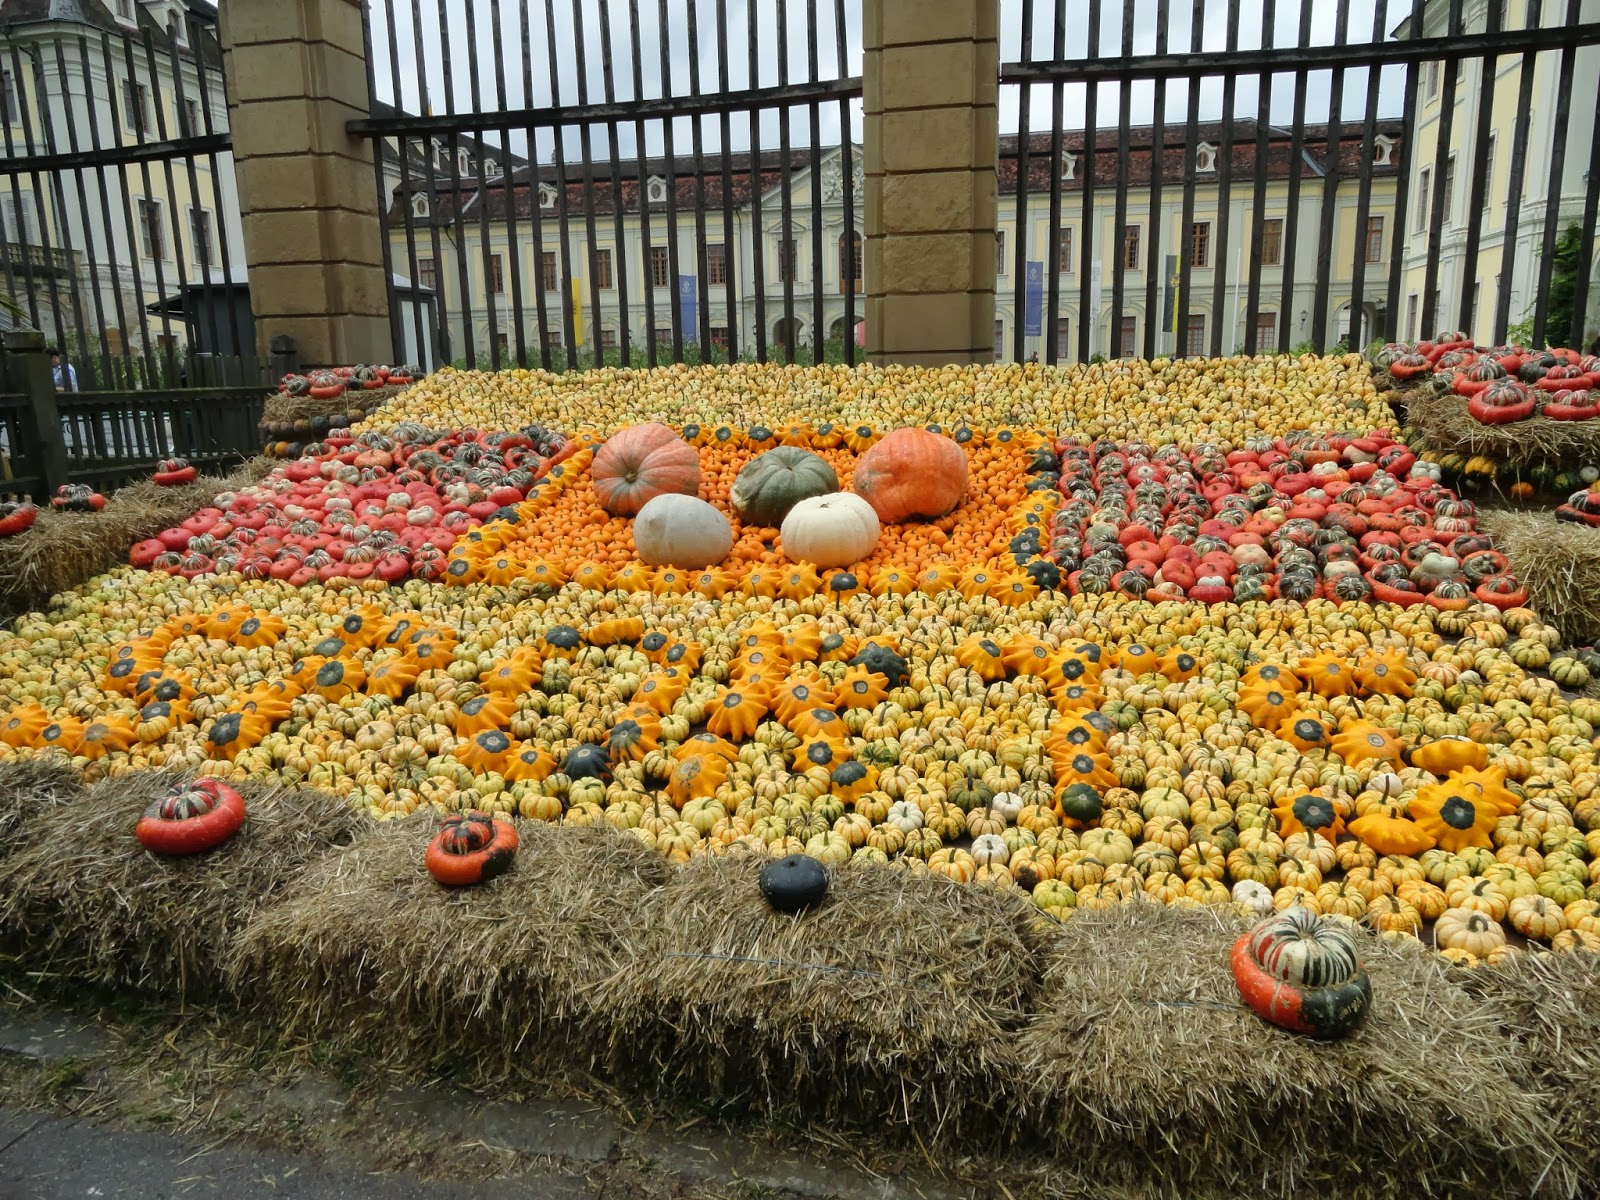 În fiecare an, la Palatul Ludwigsburg are loc Festivalul Toamnei